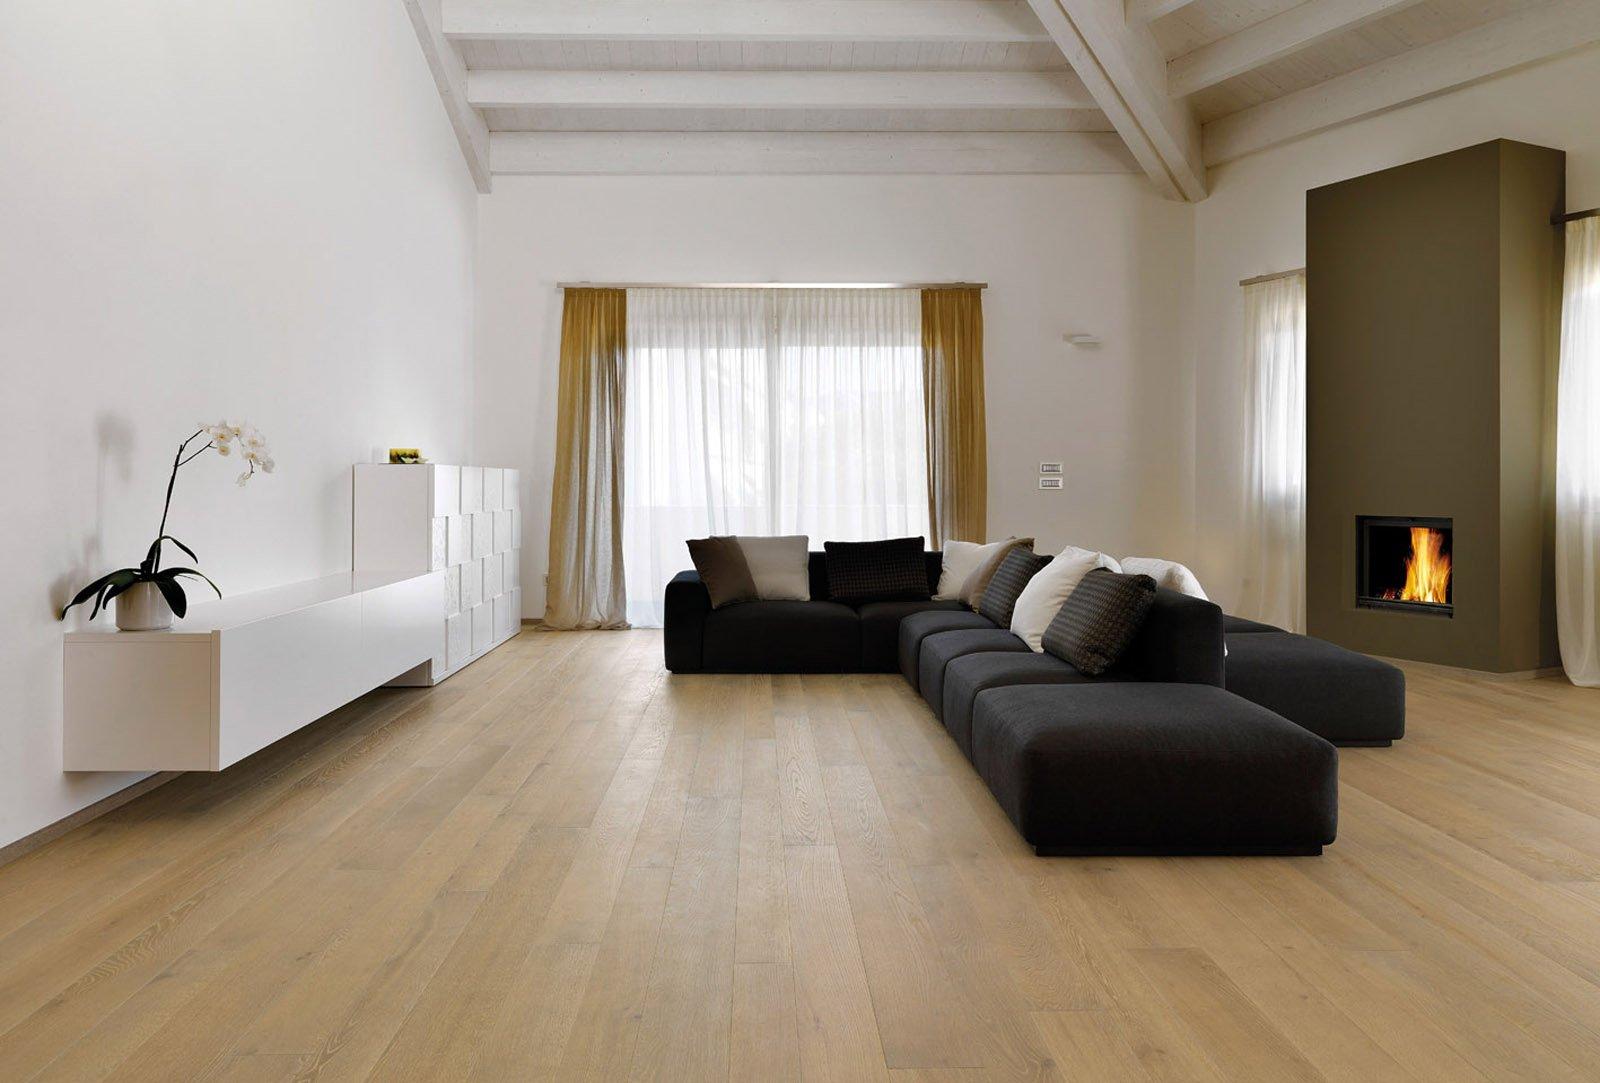 Parquet resistente veloce da posare ed economico cose for Pavimento cucina soggiorno